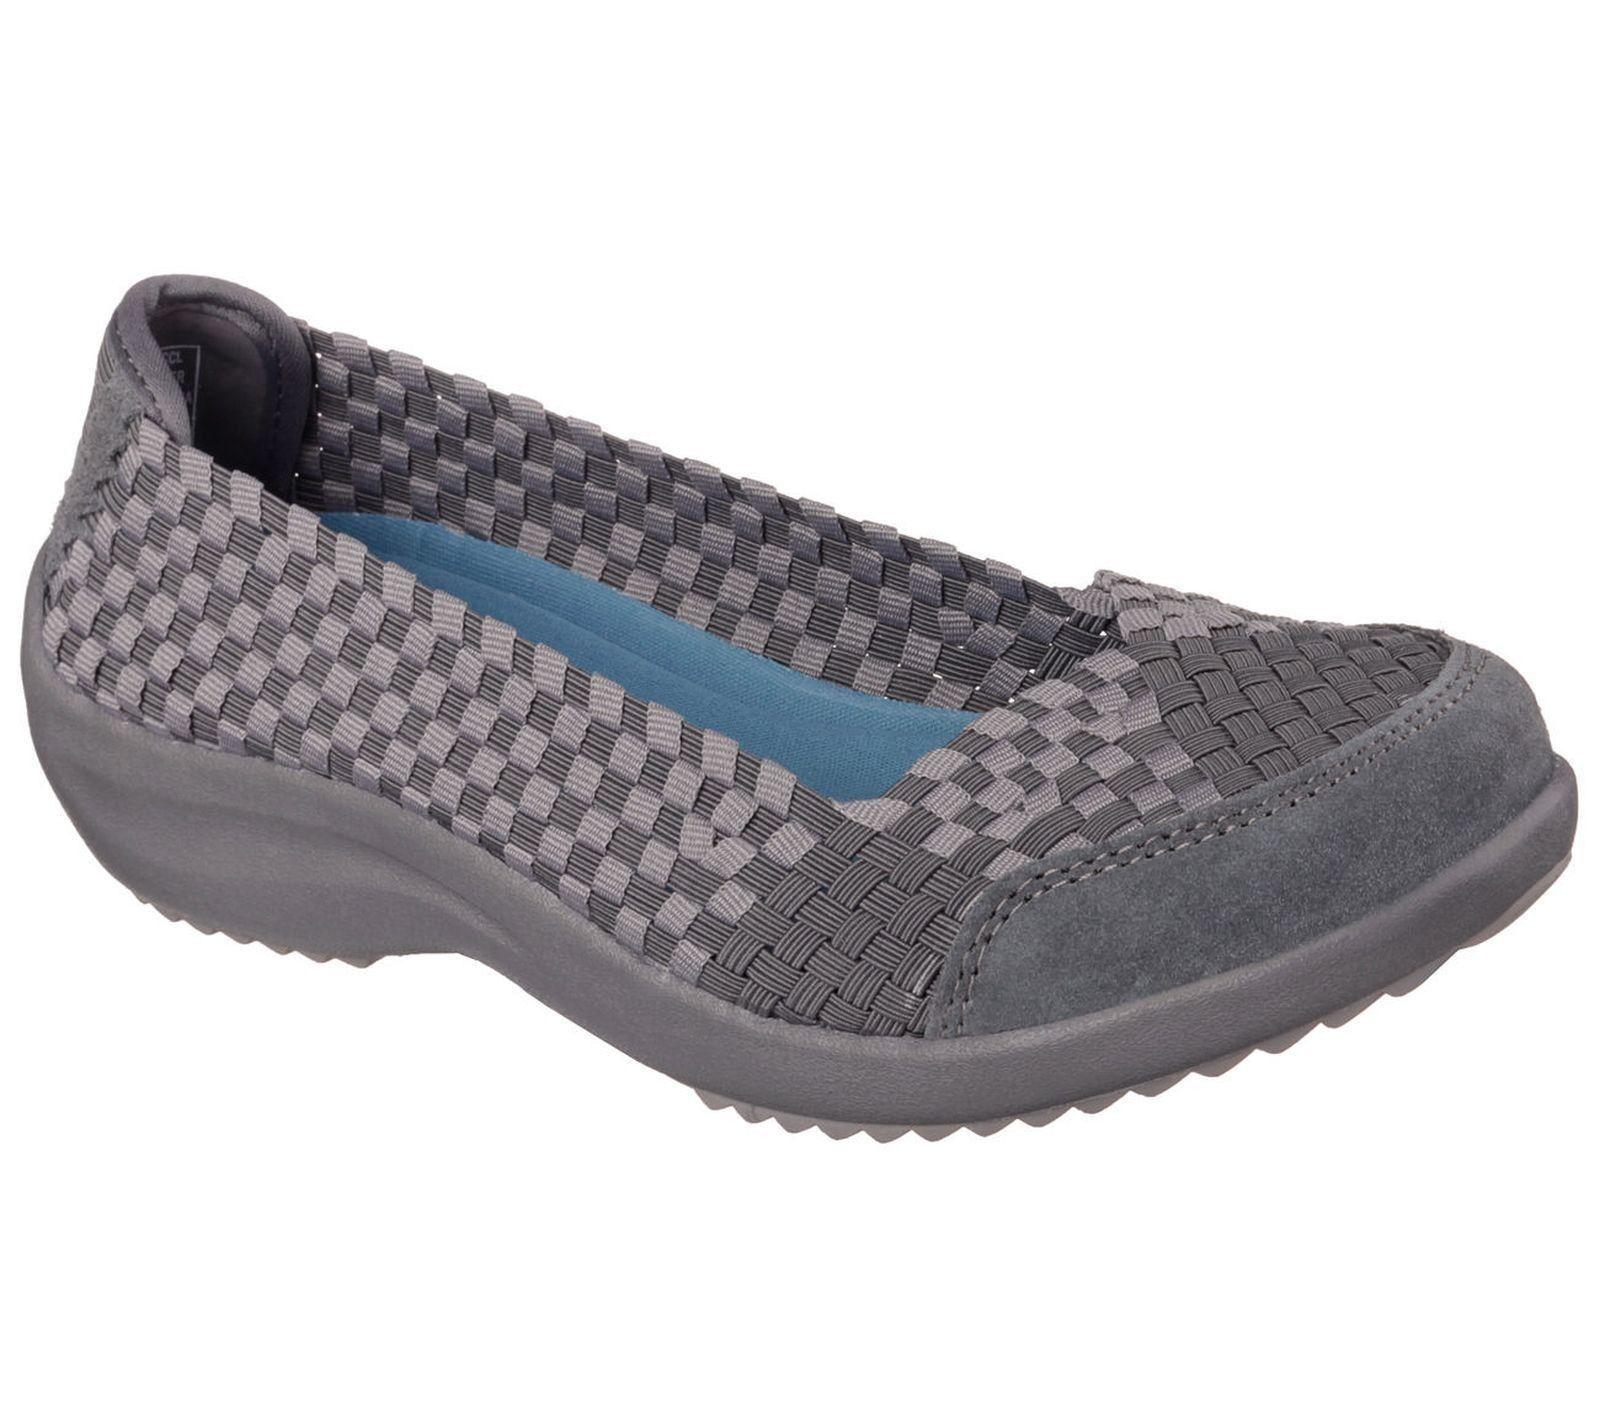 Nuevos Skechers mujer mujer mujer Relaxed Fit saborear sólo tejido que Informal Zapatos - 49025 101A KL  tienda en linea